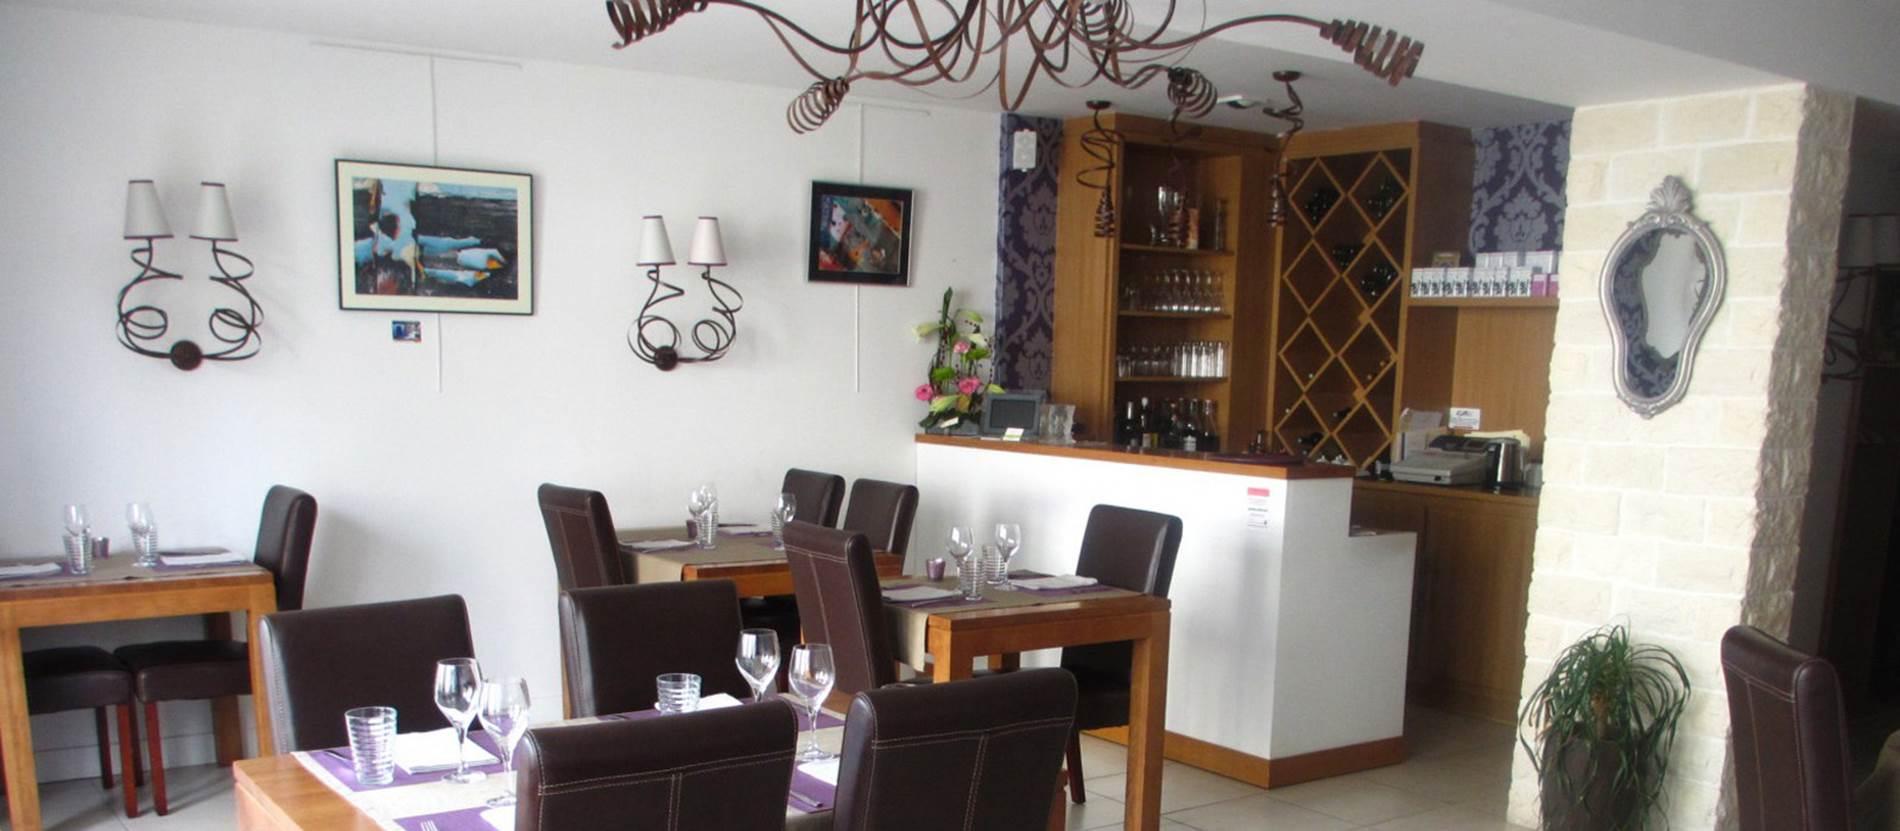 Restaurant-L-Art-Gourmand-Pont-Scorff-Morbihan-Bretagne-Sud © Restaurant L'Art Gourmand - Pont Scorff